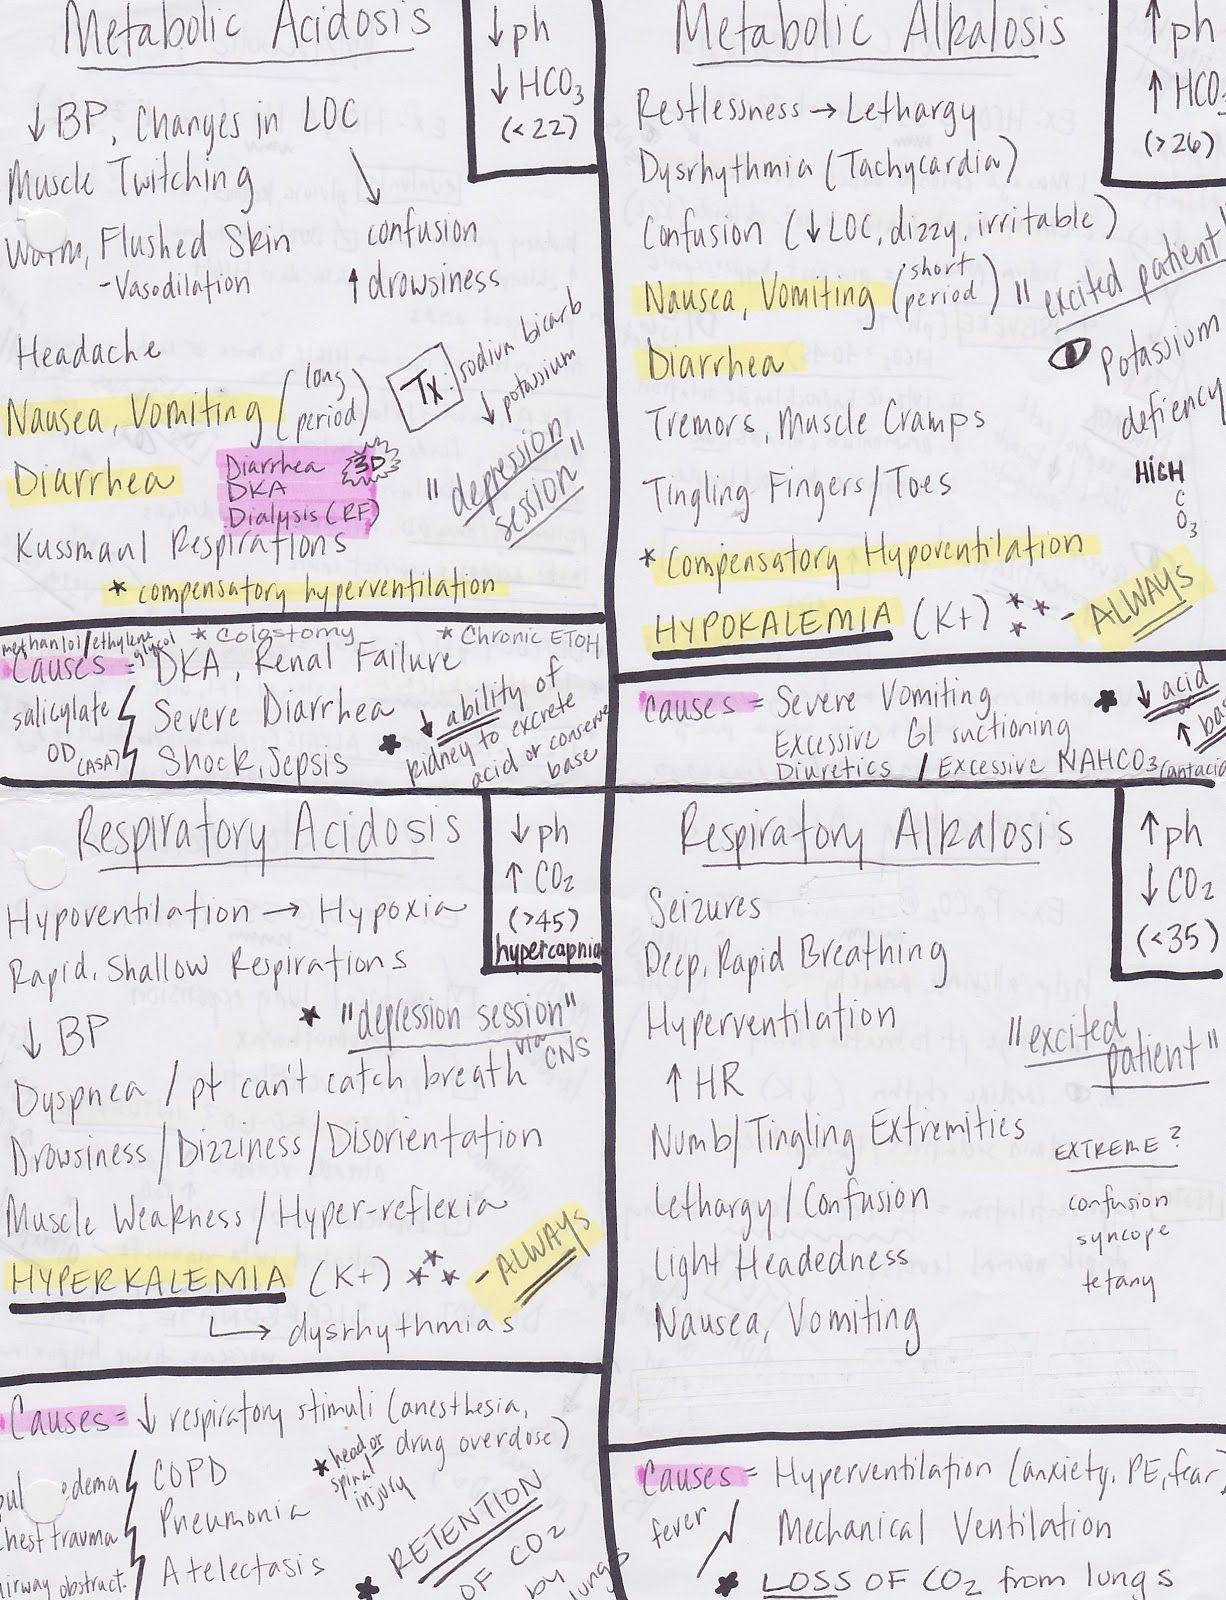 Acid Base Imbalances Cheat Sheet